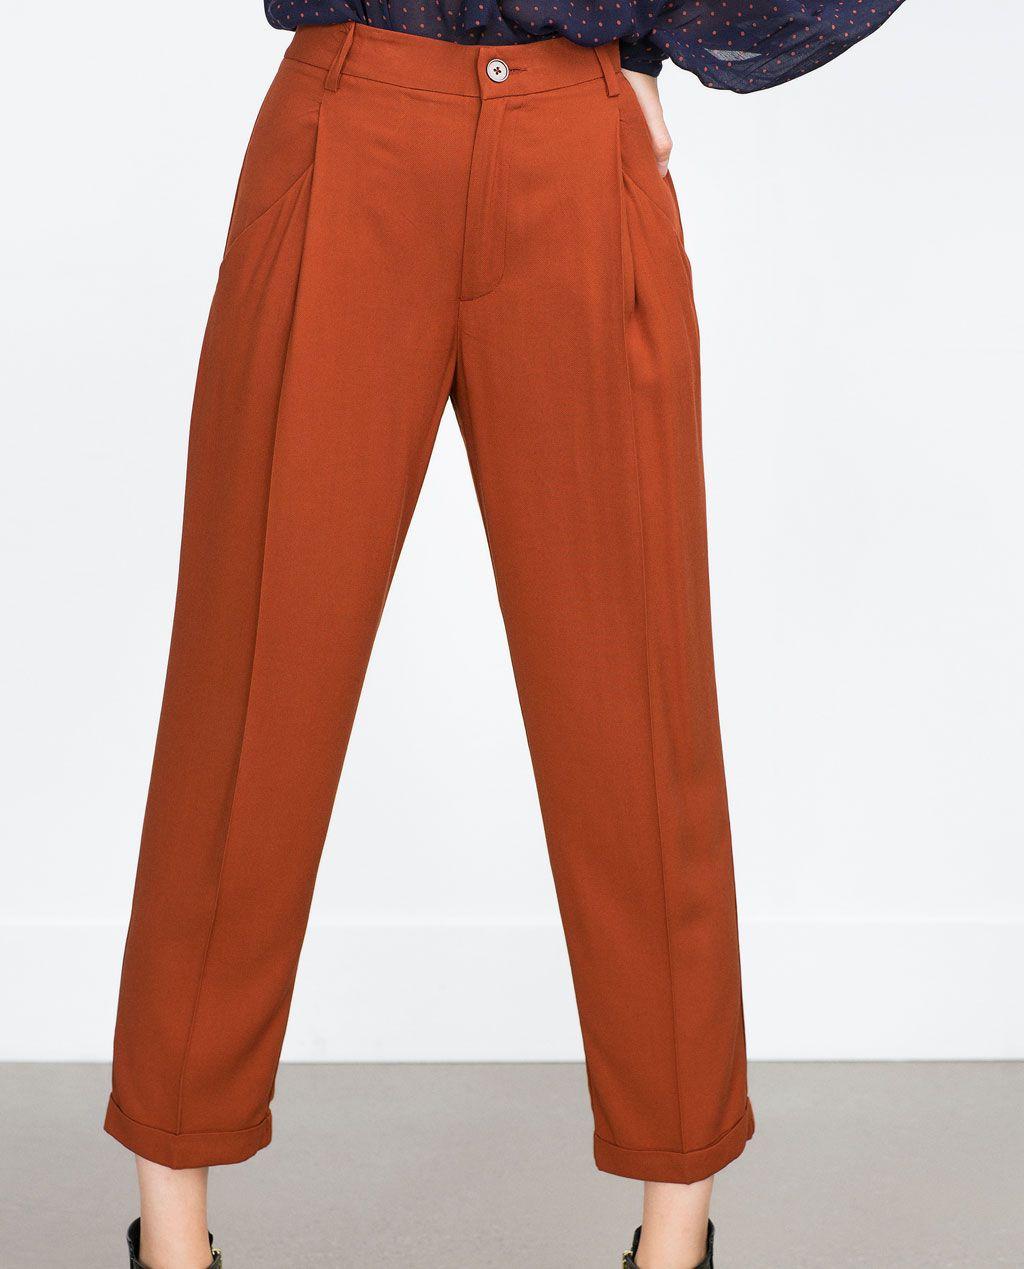 b52b9200adcd2 PANTALON FLUIDO PLIEGUE-Ver todo-Pantalones-MUJER